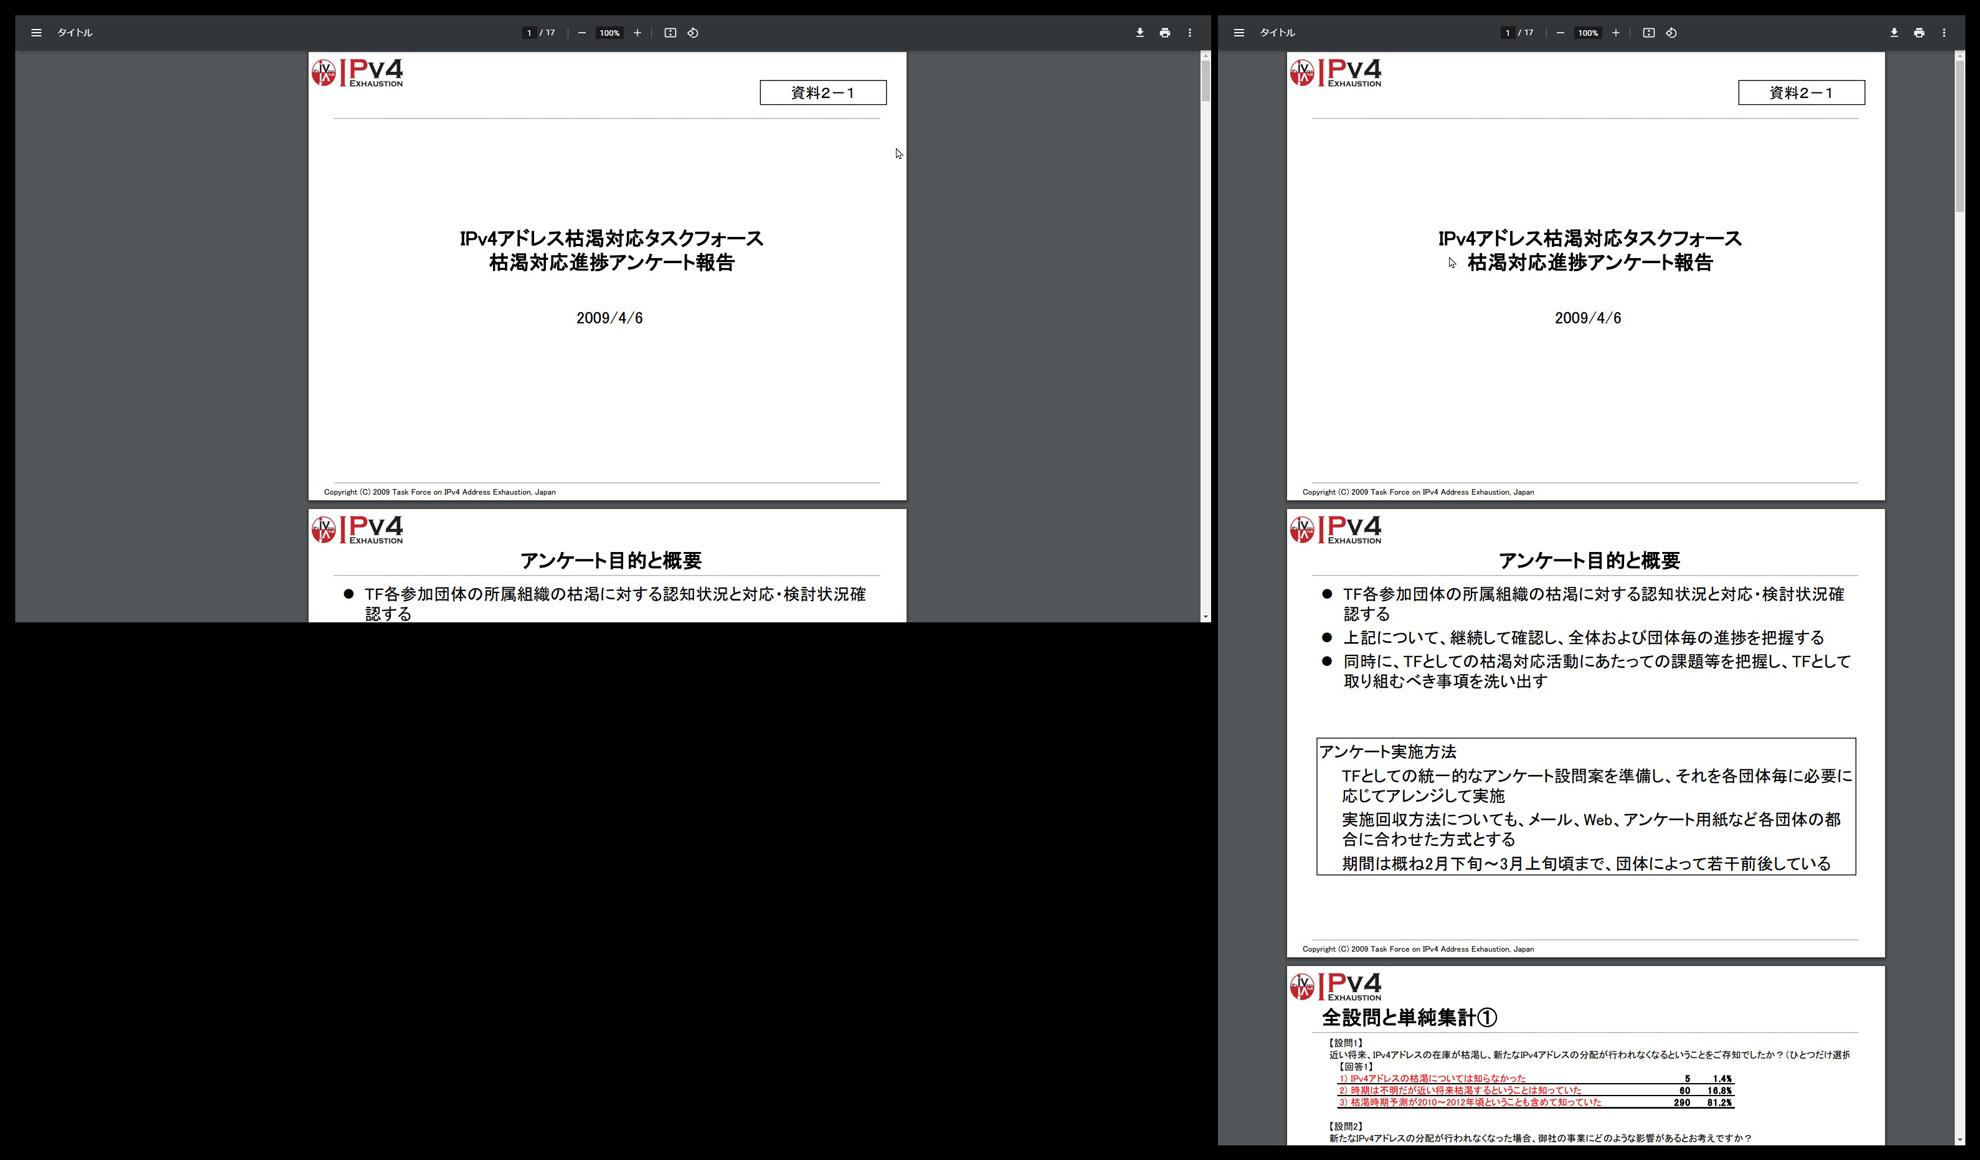 縦向きと横向き画面のPDFの資料閲覧、編集の見え方比較